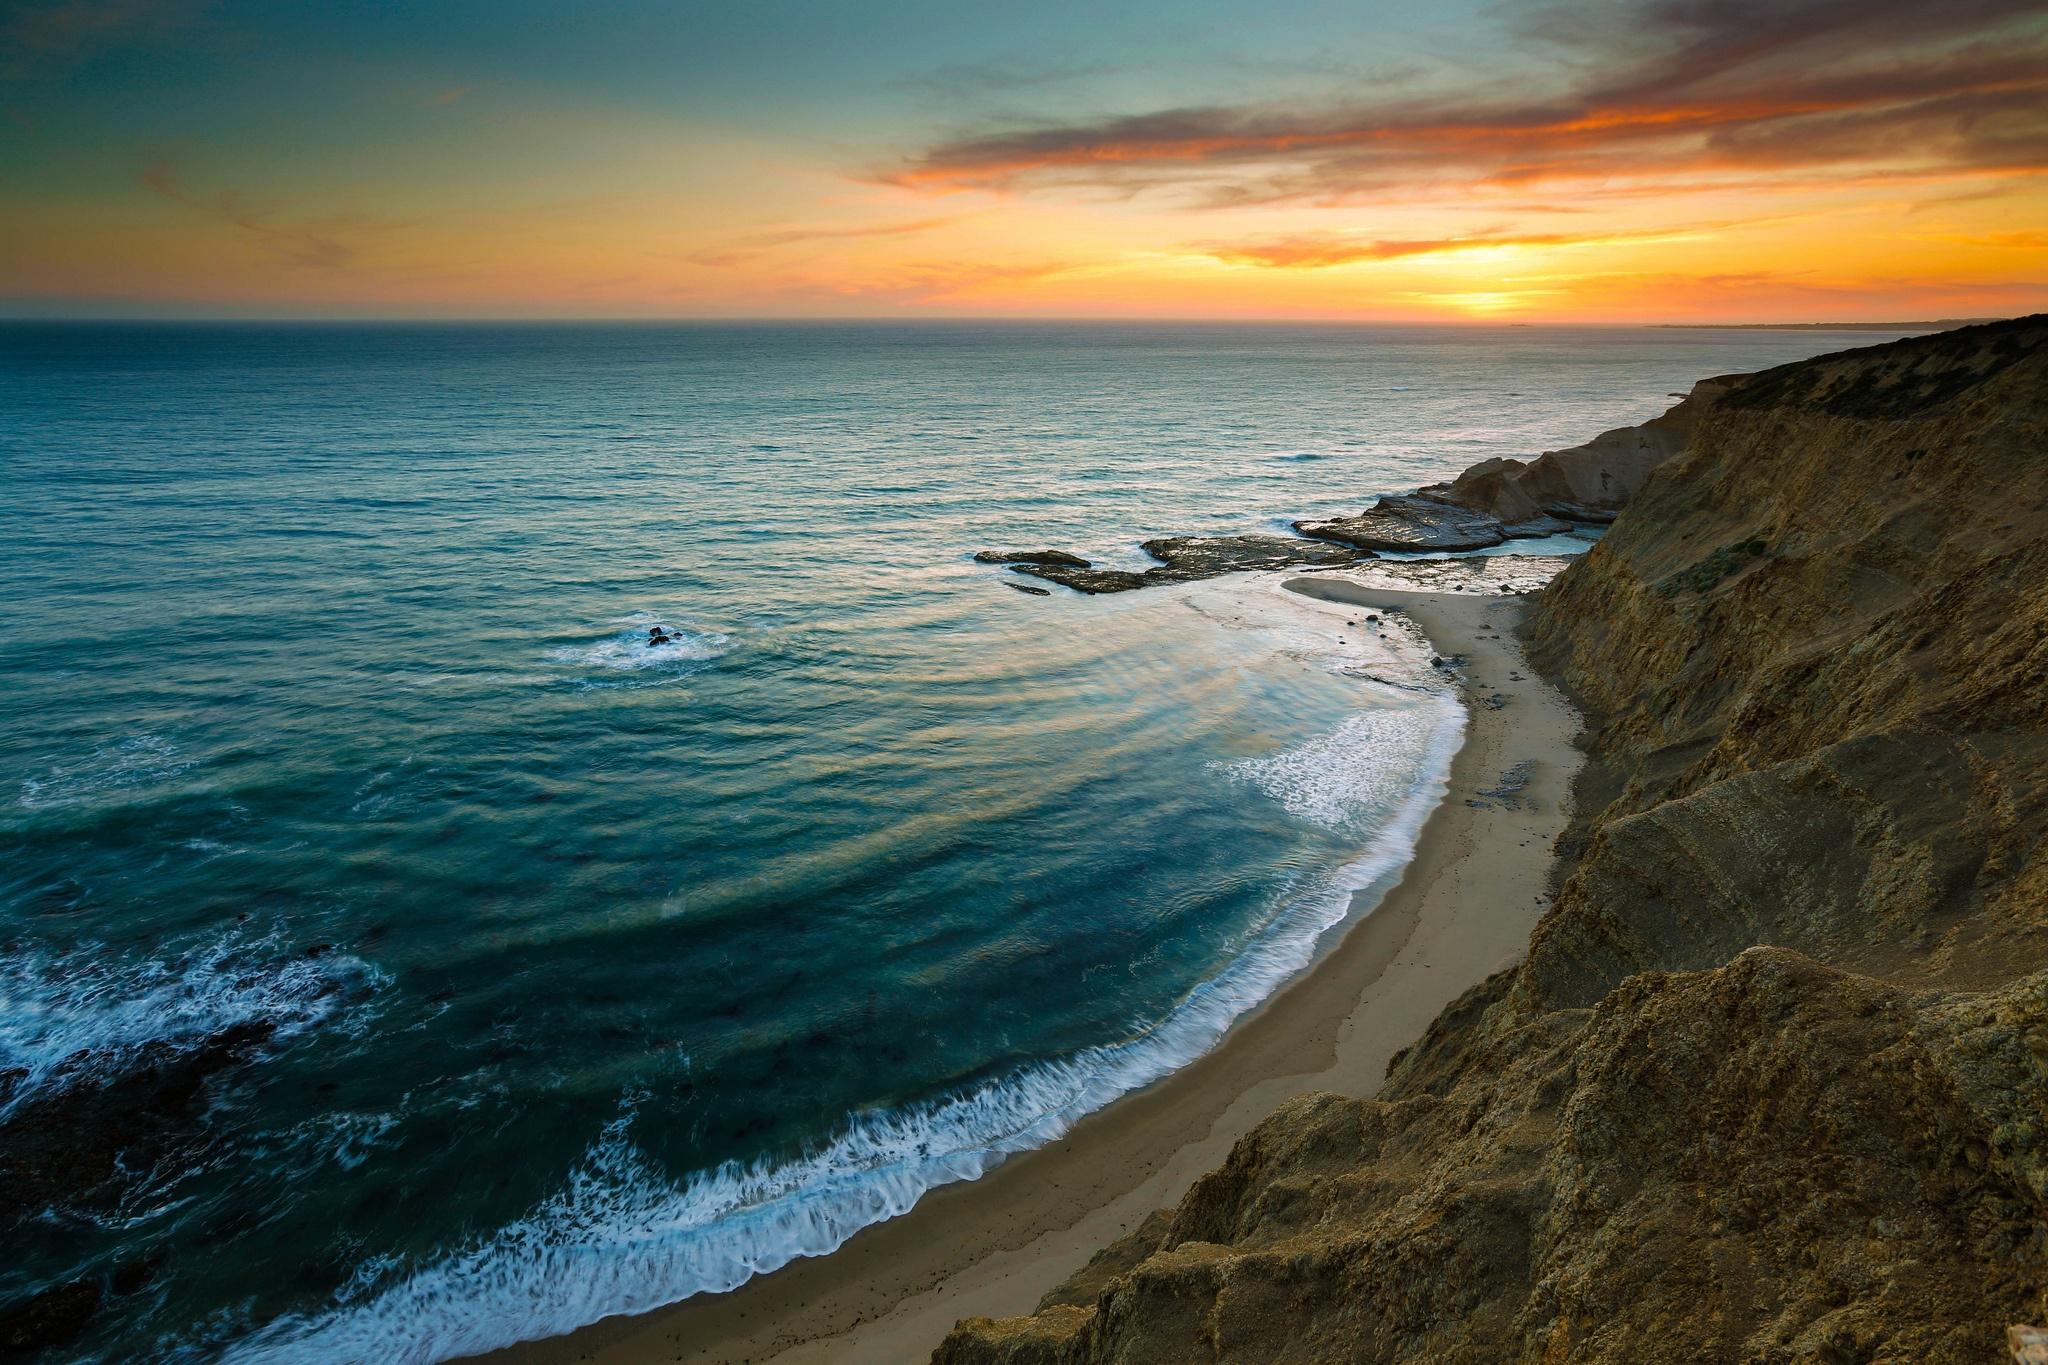 красивые качественное фото красивого моря модели